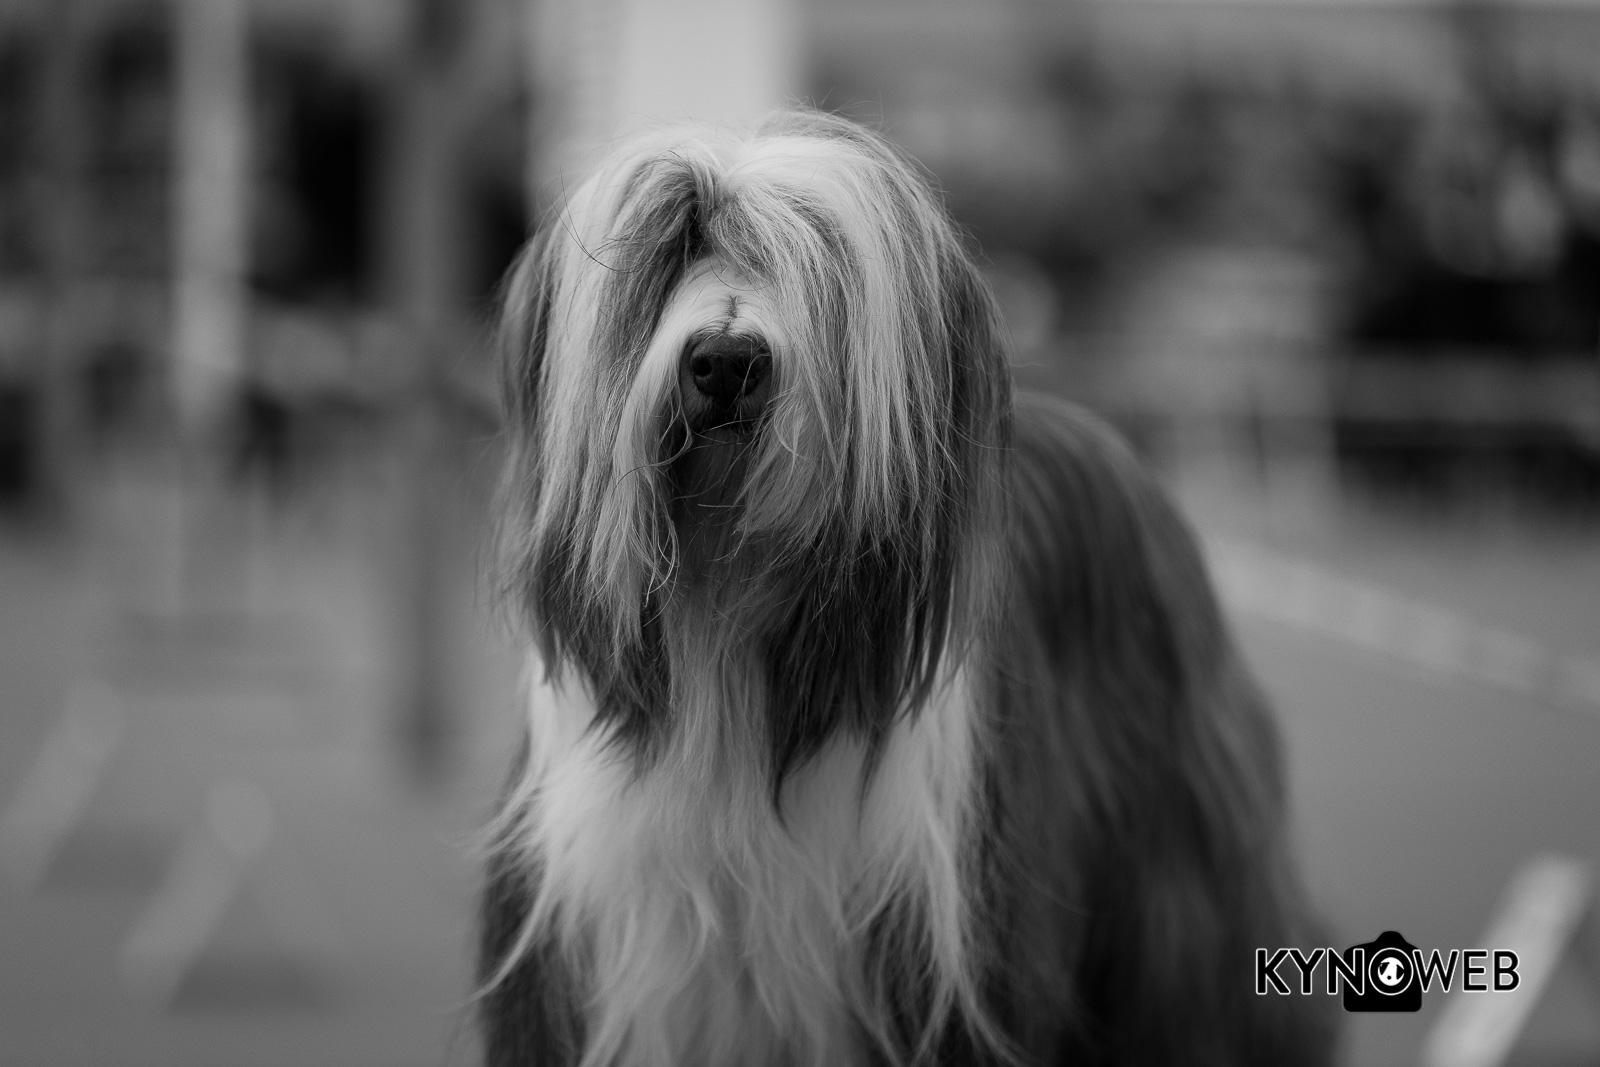 Dogshow_Rijland_2018_Kynoweb__20180317_12_15_13-2